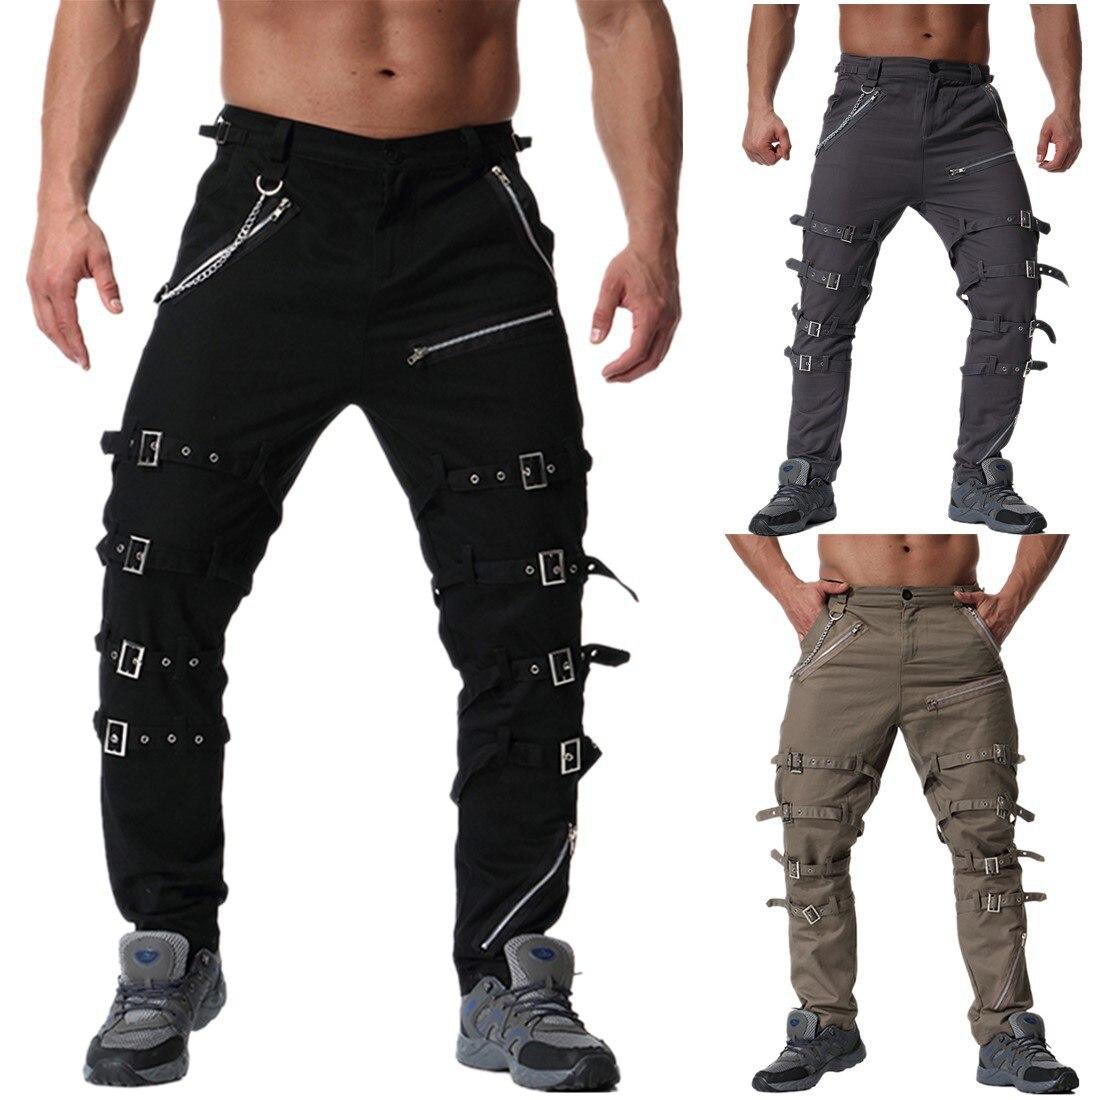 2019 Devil Fashion Punk Men's Detachable Pants Steampunk Gothic Black Scotland Kilt Trousers Man Casual Cotton Pants with Kilt